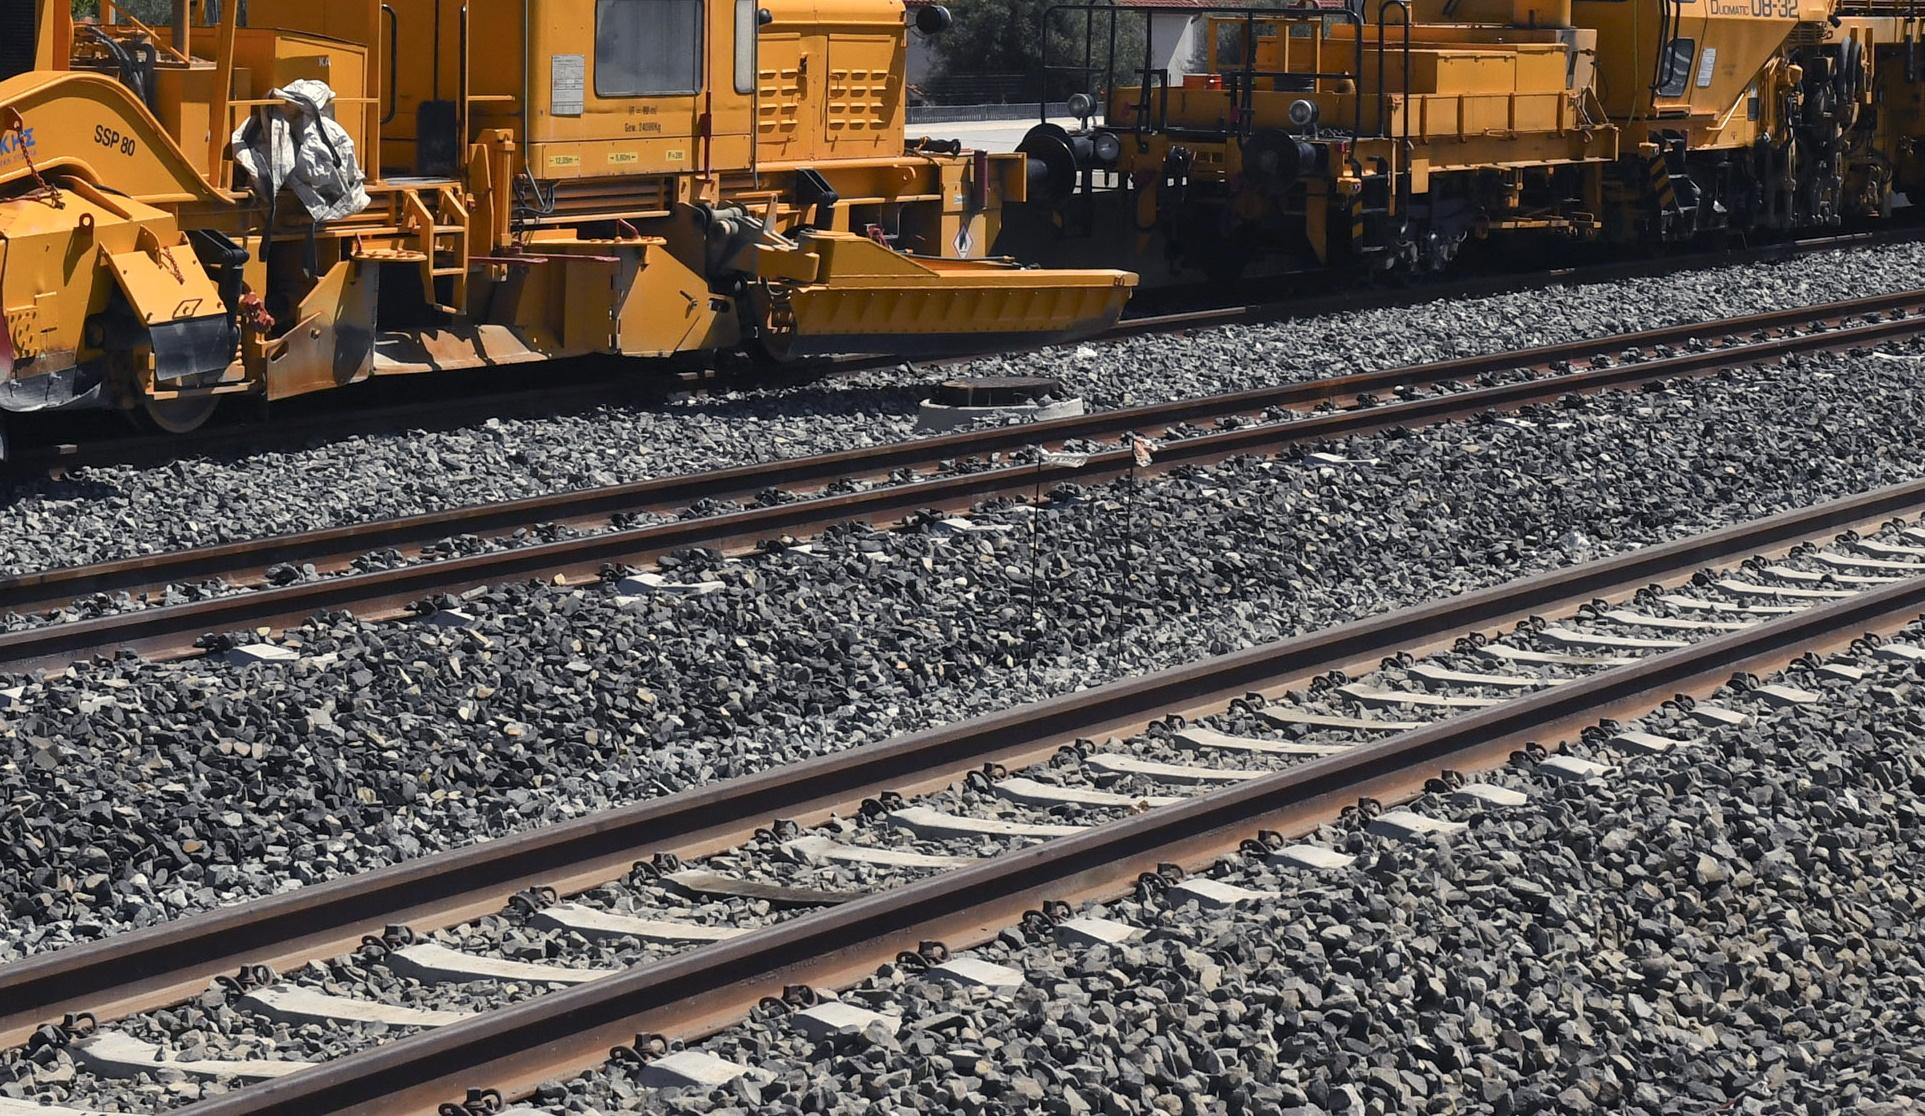 Βόλος: Μέχρι το 2024 θα ολοκληρωθούν τα έργα της σιδηροδρομικής γραμμής Βόλου – Λάρισας